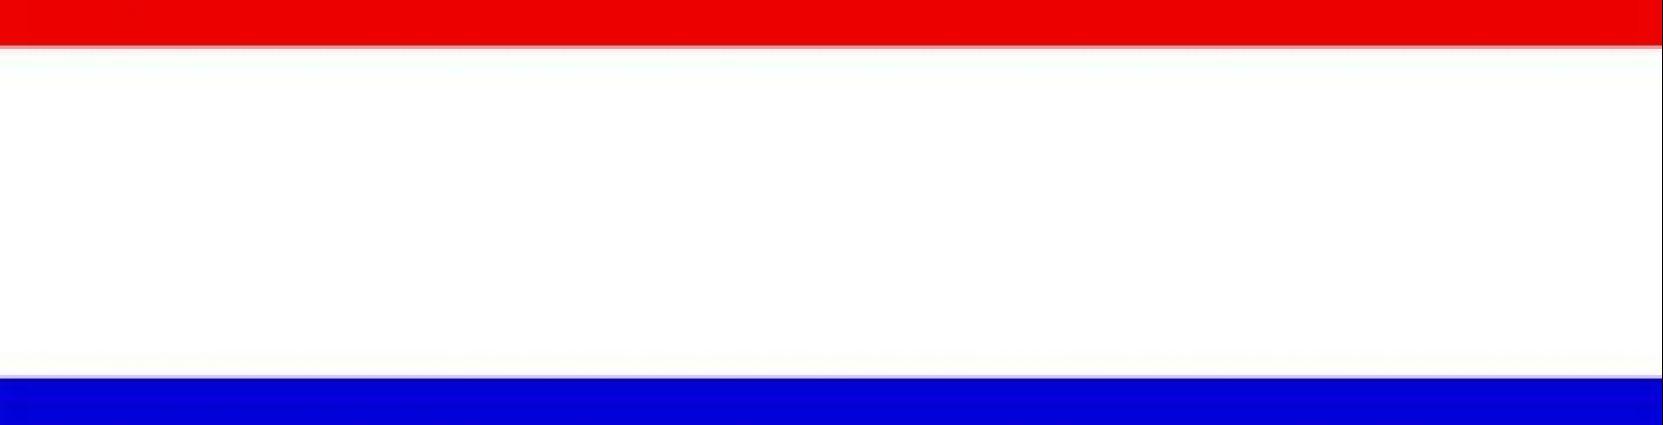 Eredivisie2000